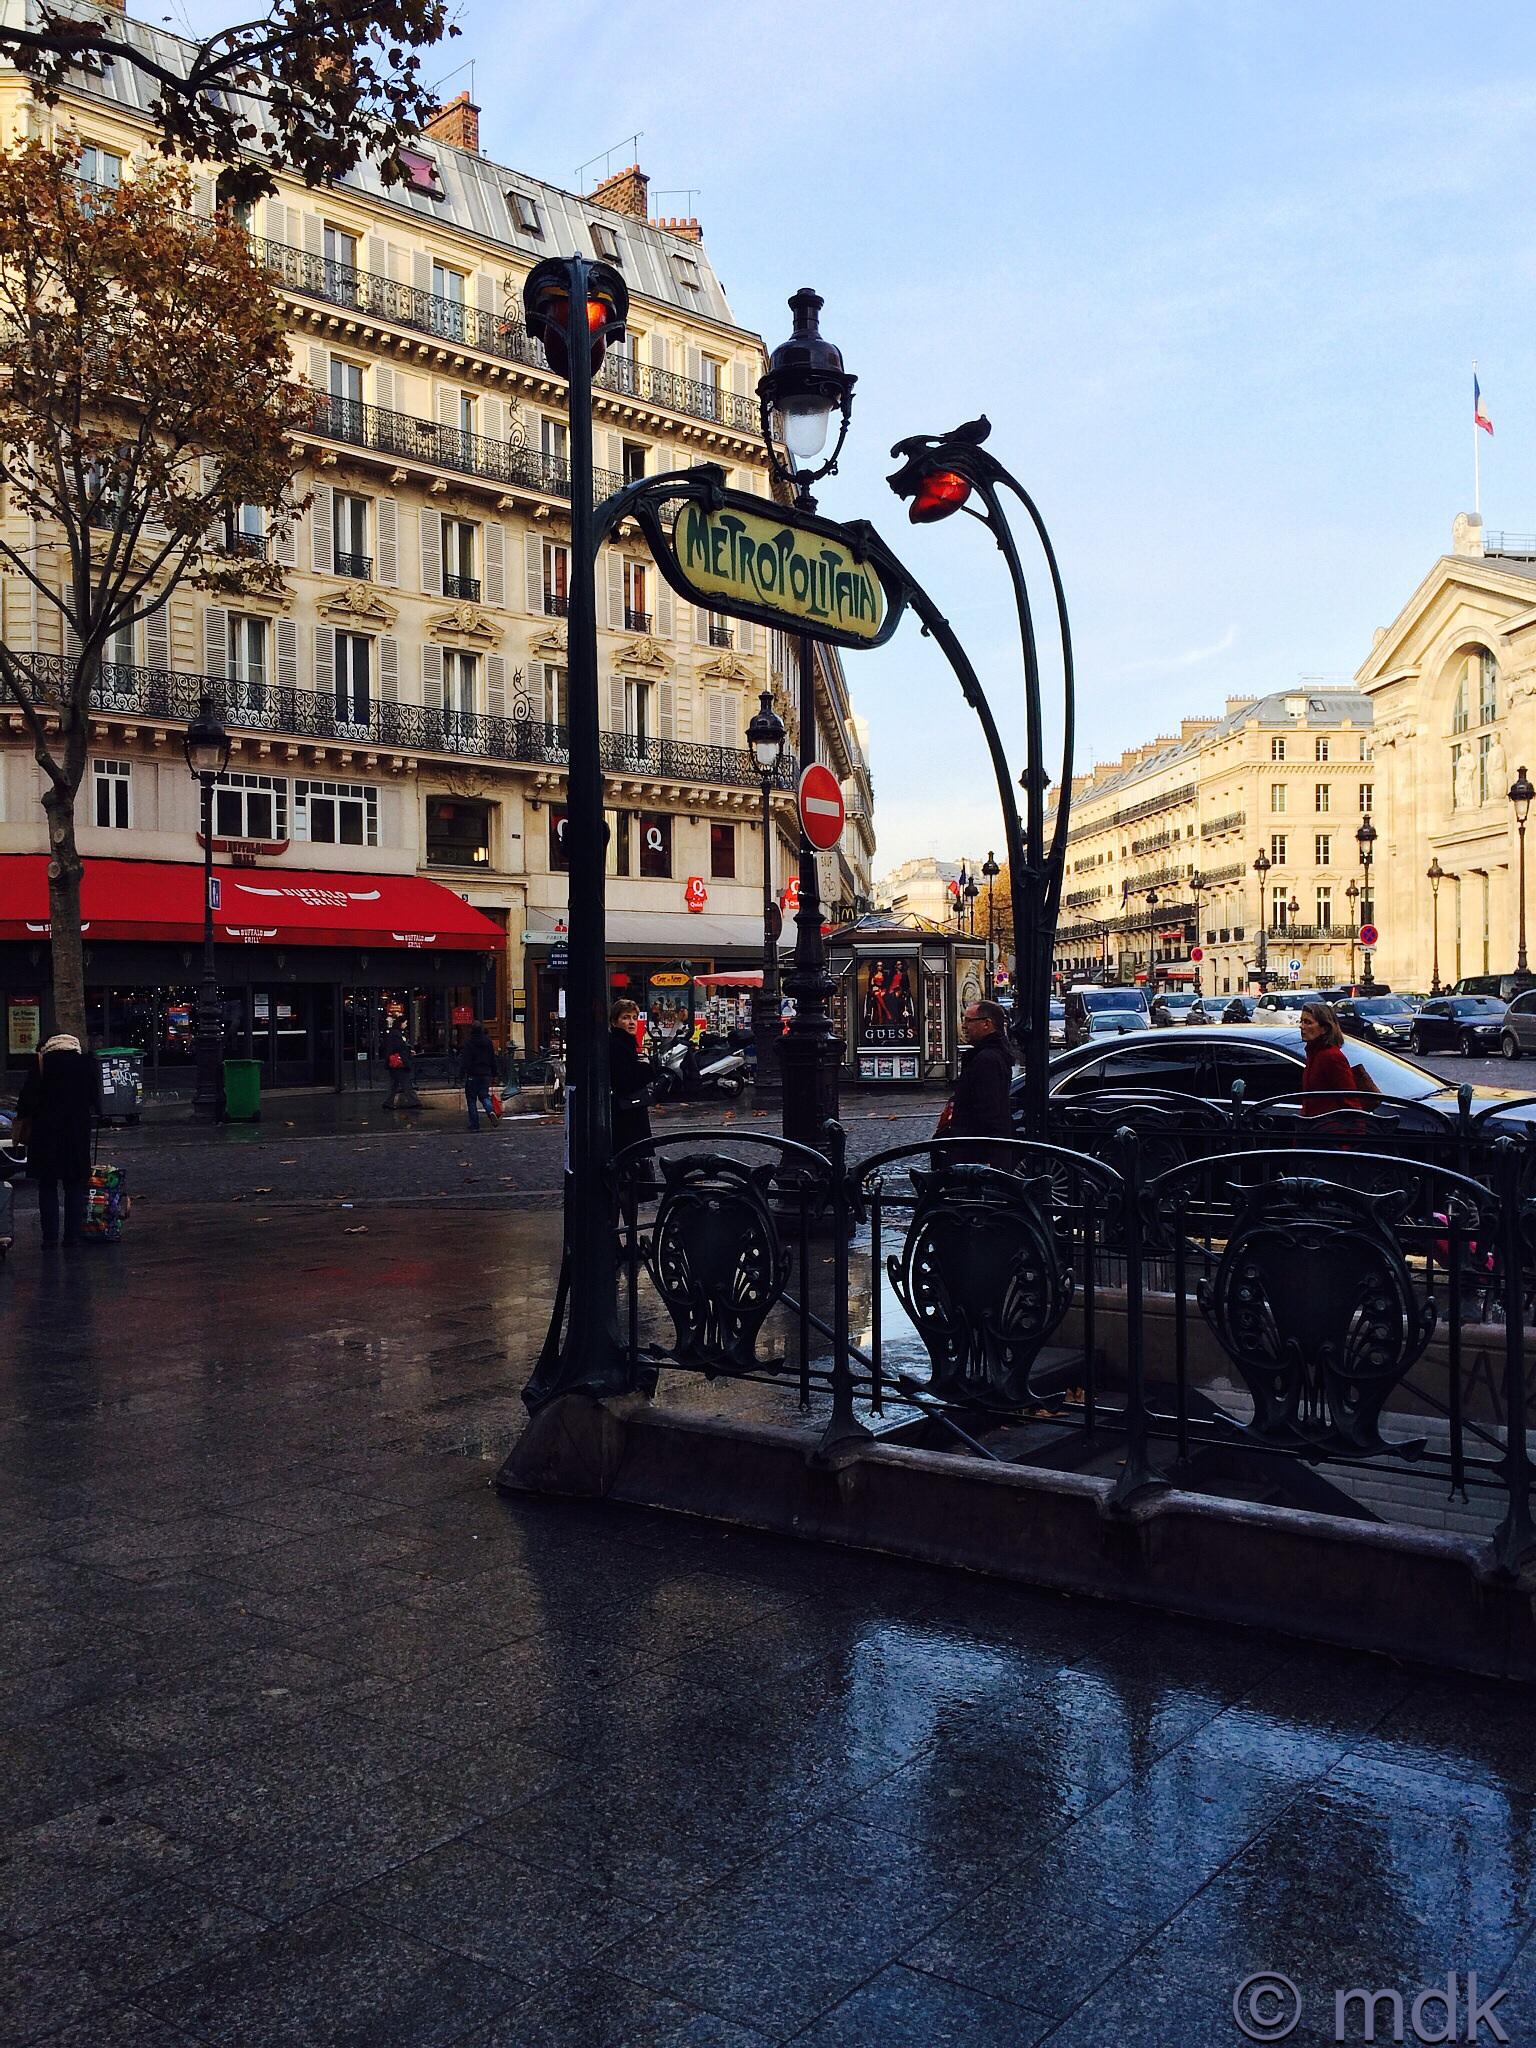 Wet pavements and sunshine, bonjour Paris